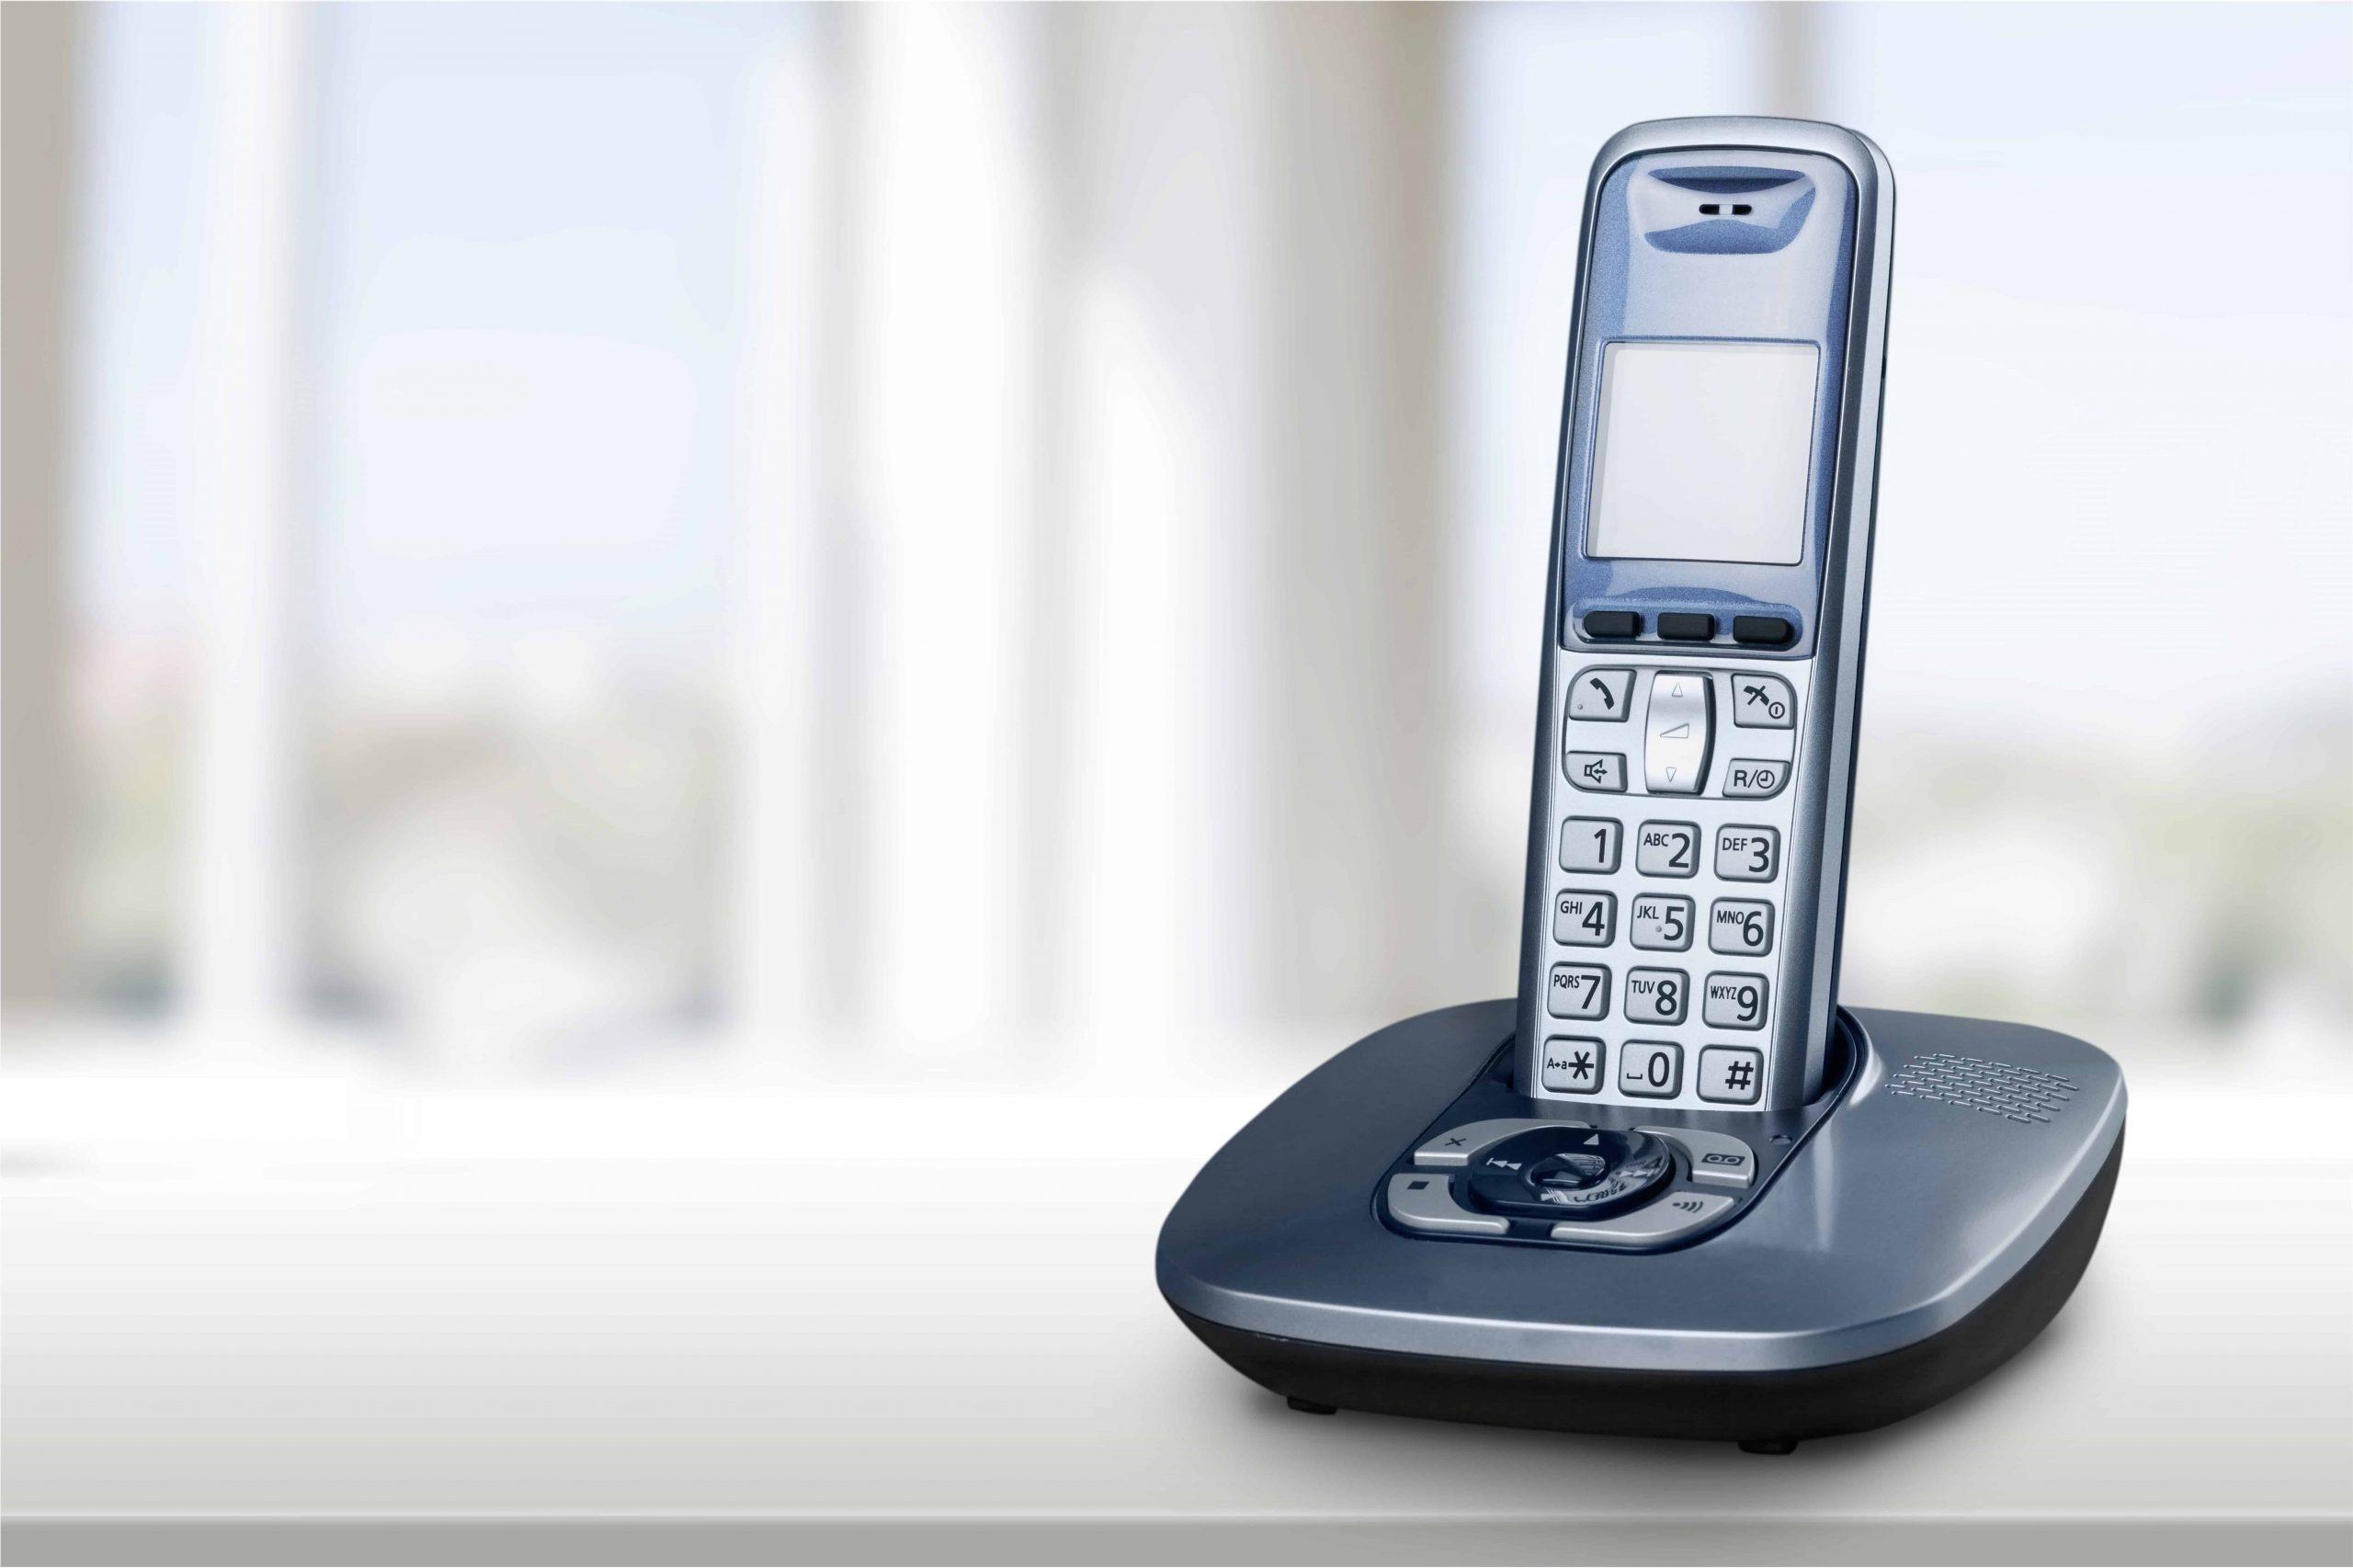 WLAN Telefon: Test & Empfehlungen (07/20)